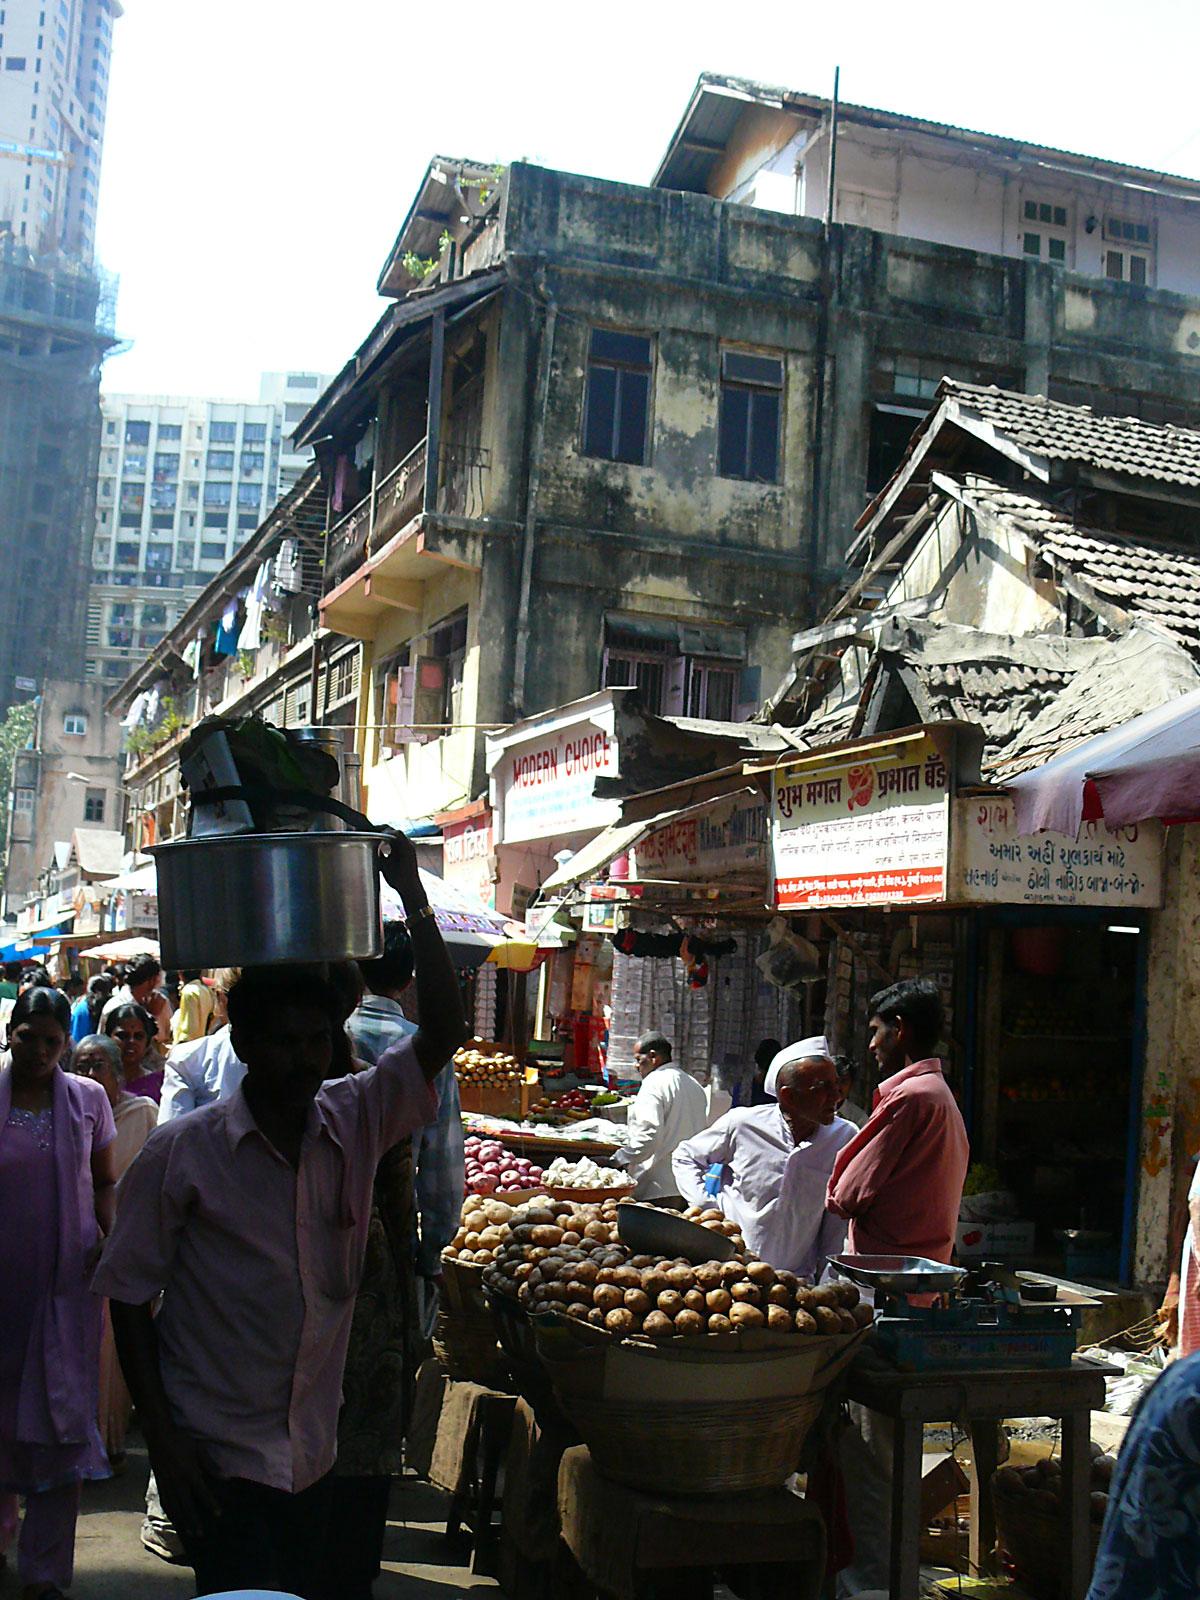 INDIEN MUMBAI Menschen Wohnen FINEST-onTour P1030466.jpg